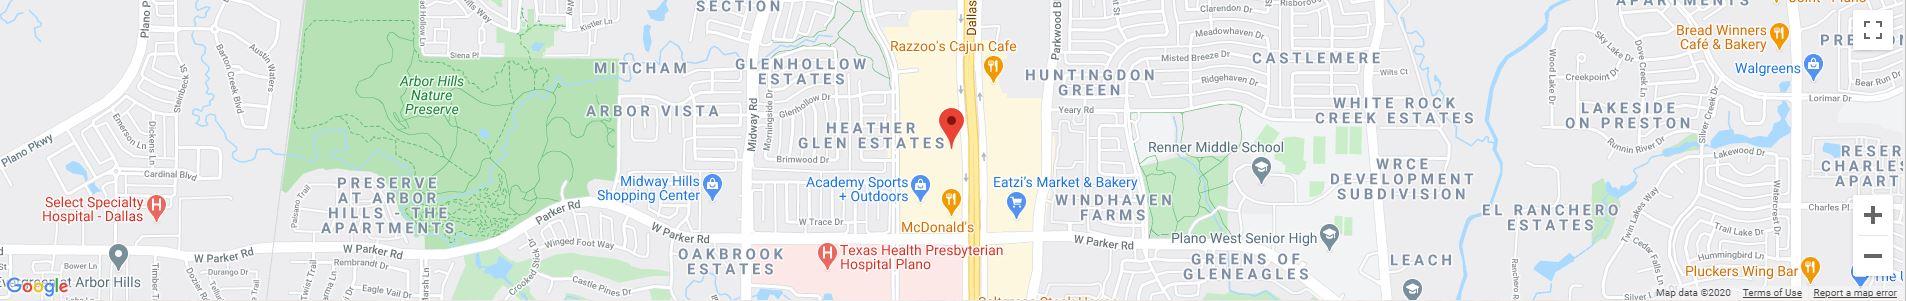 Plano, TX Google Maps Desktop